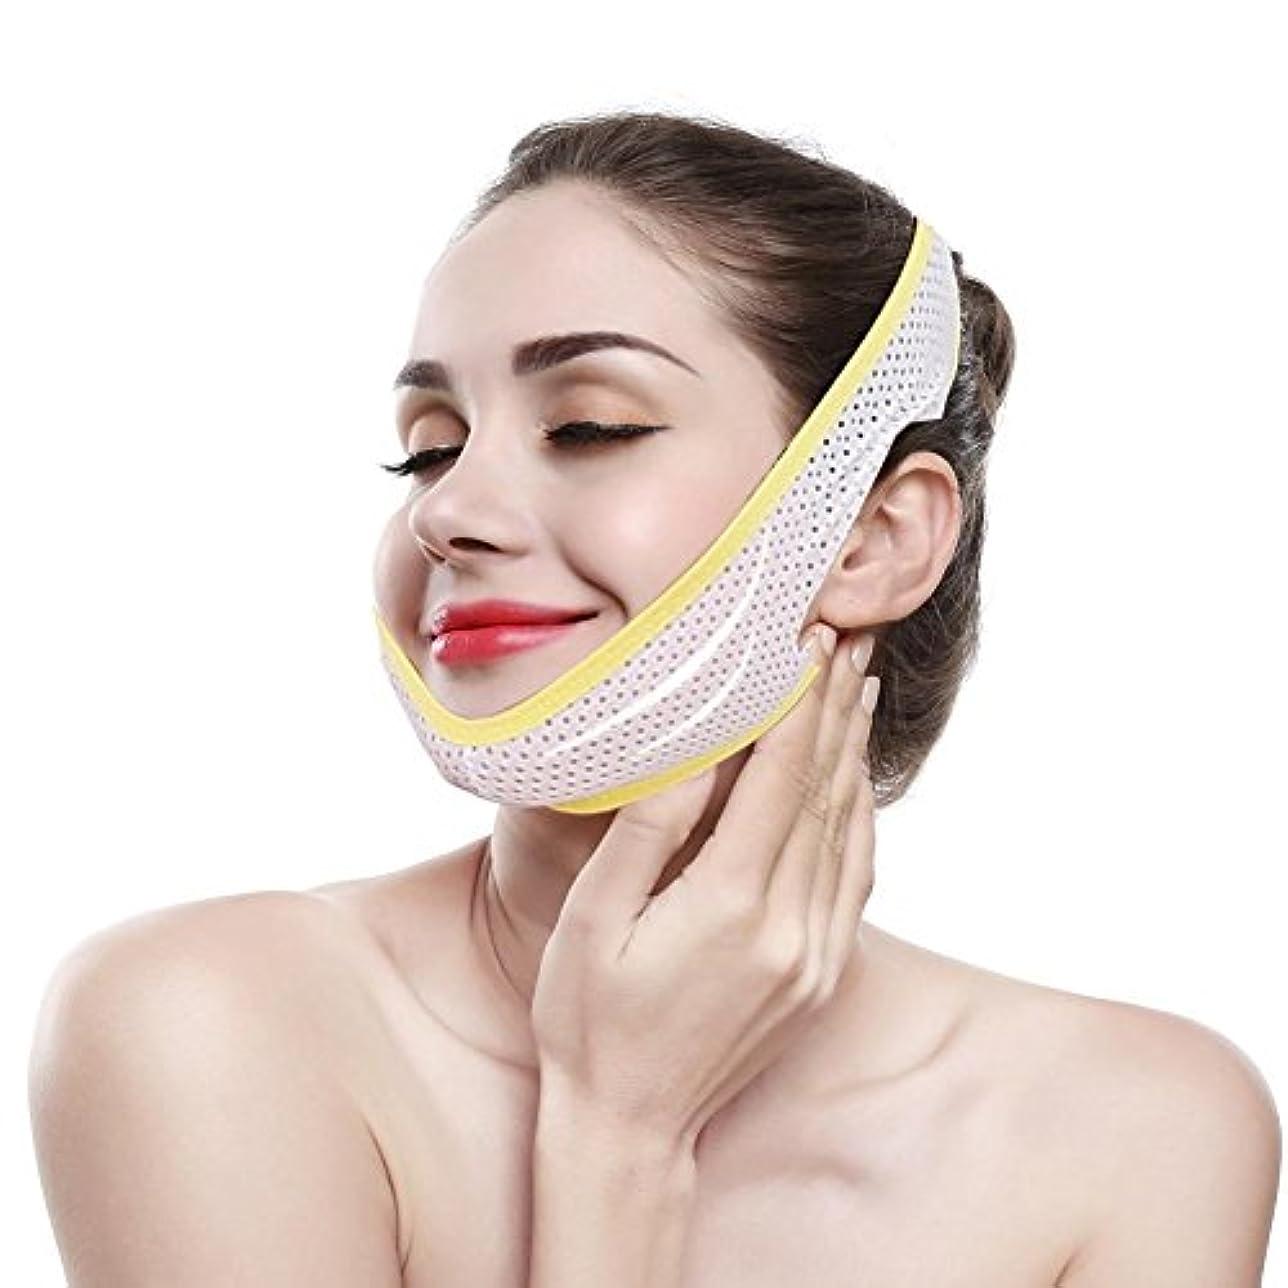 用量角度れる顎リフト フェイススリミング包帯 フェイスベルト 顔の包帯スリミングダブルチンVラインとフェイシャルケアファーミングスキン 女性の超薄型 フェイスマス クラインベルト スリミング製品マスク(M)